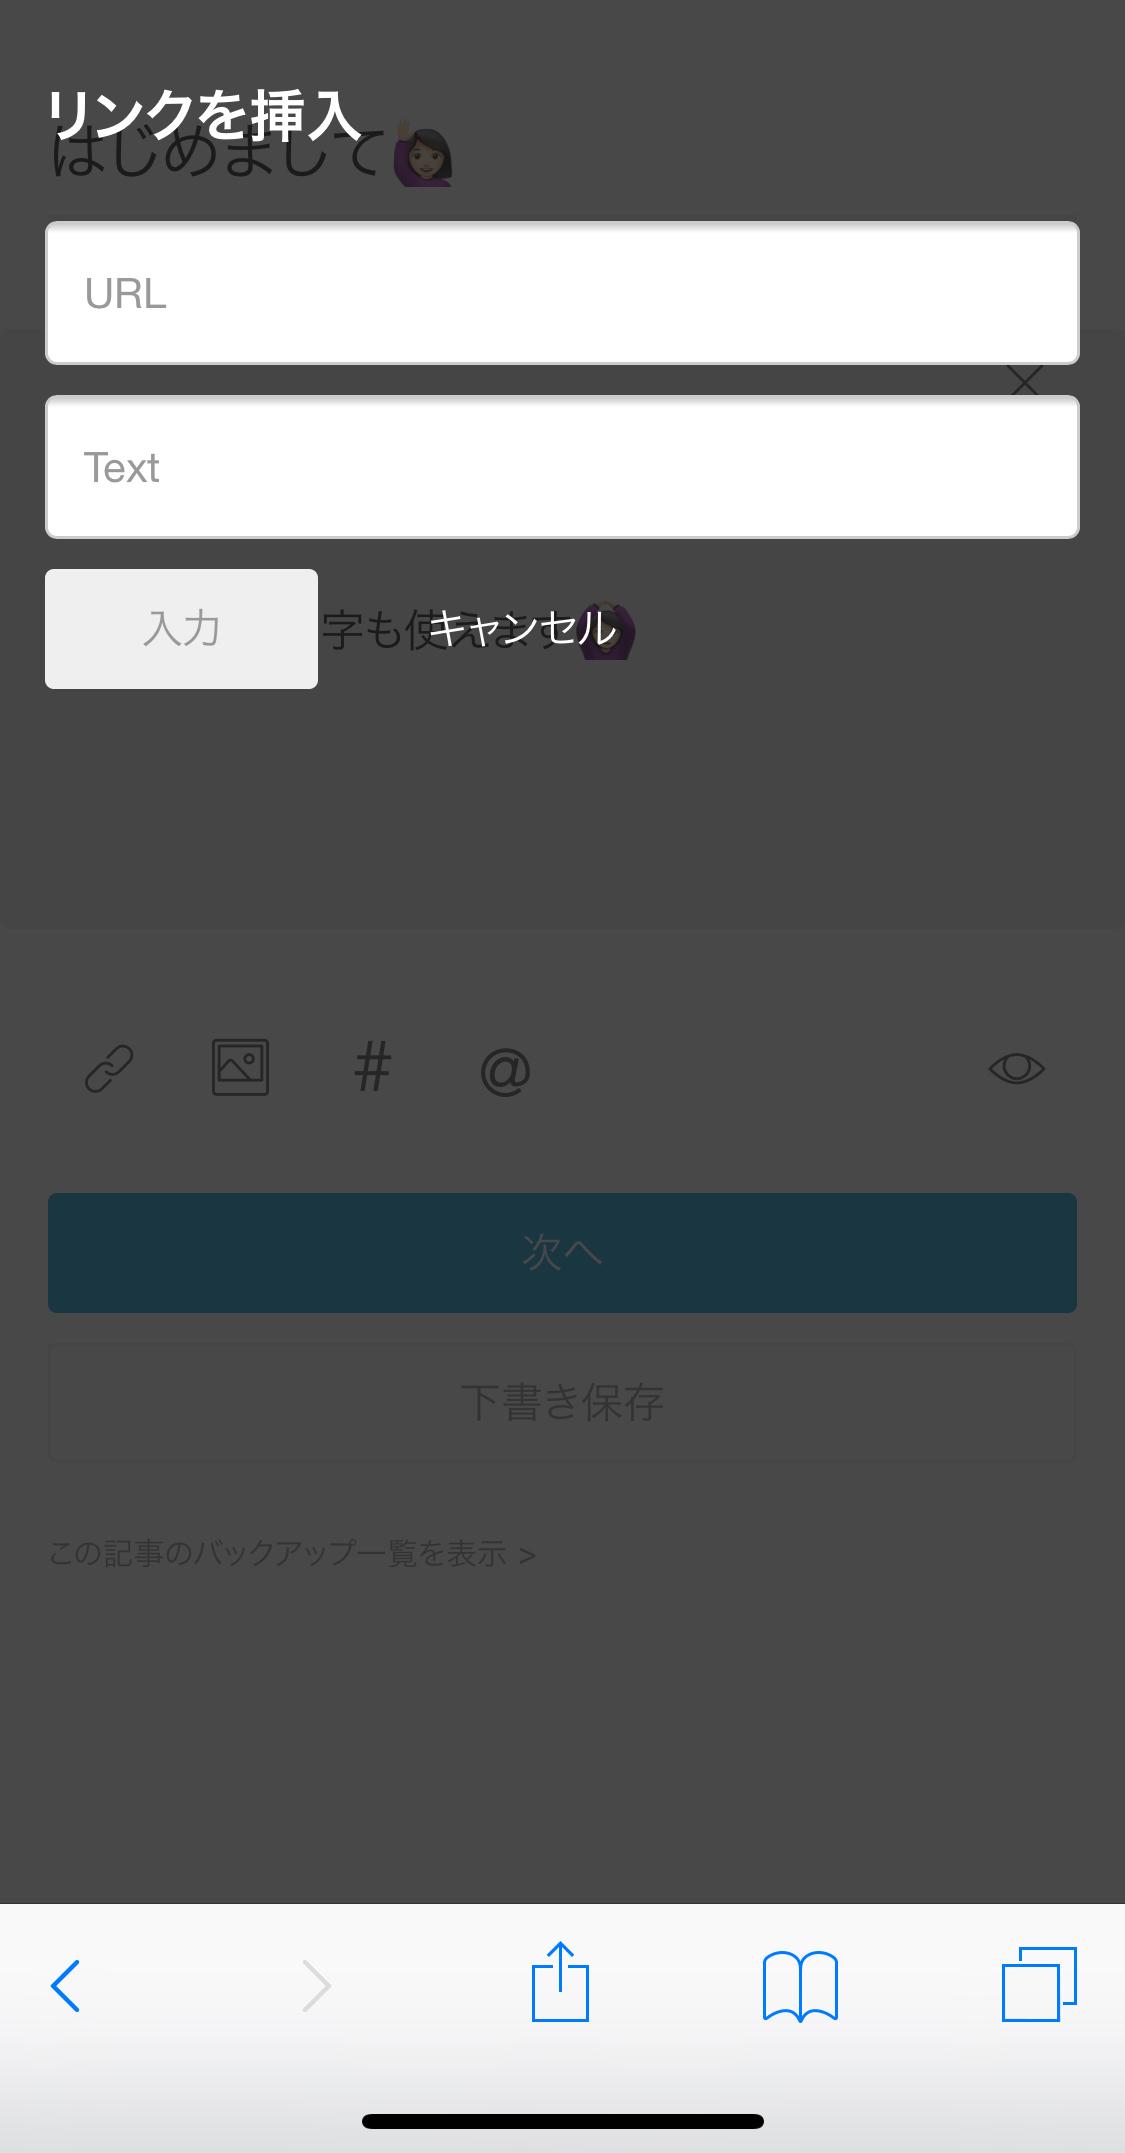 IMG_0112.jpg (232.2 kB)